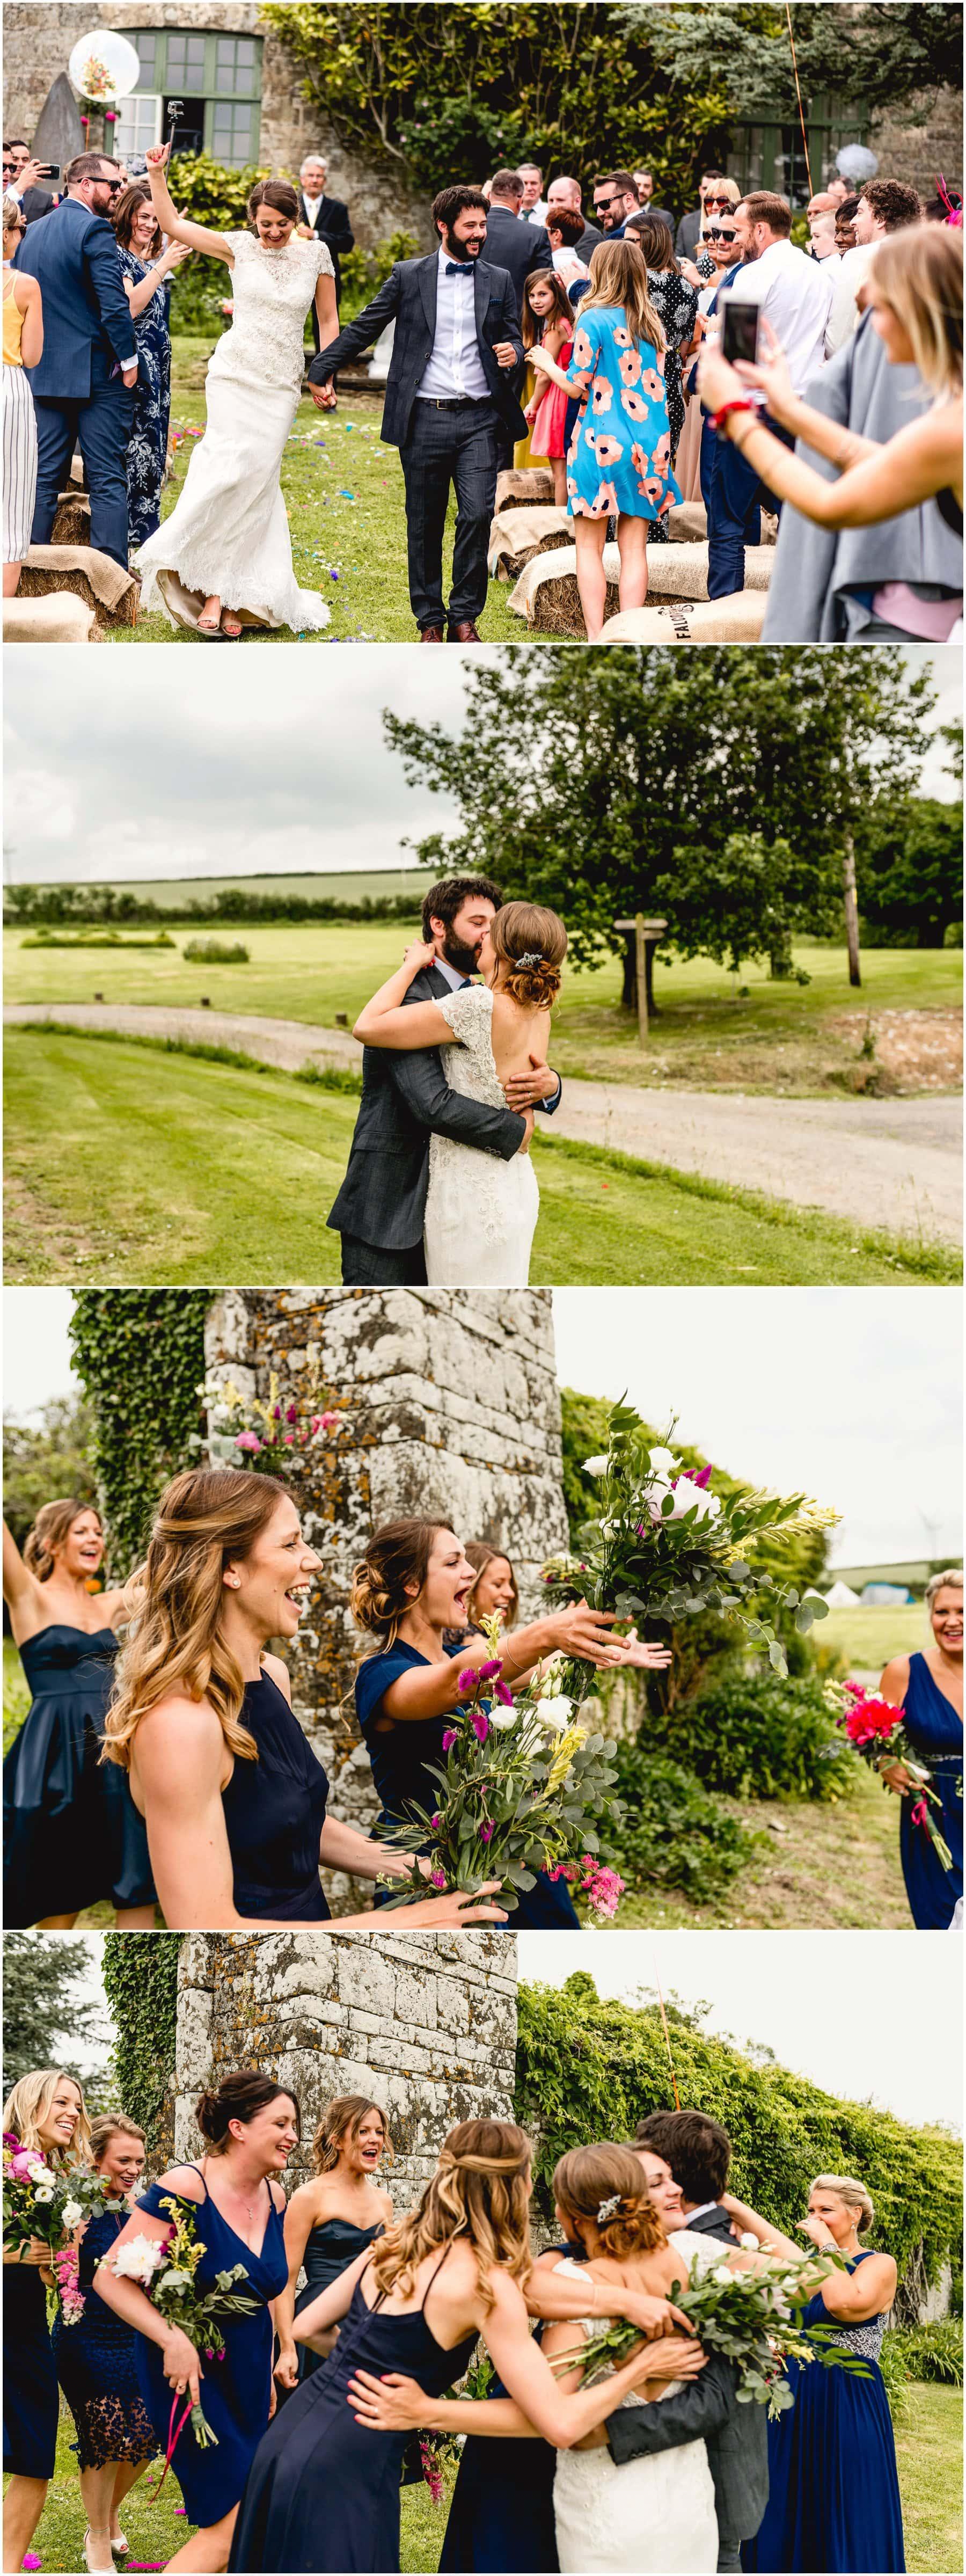 Celebration kisses after wedding ceremony.